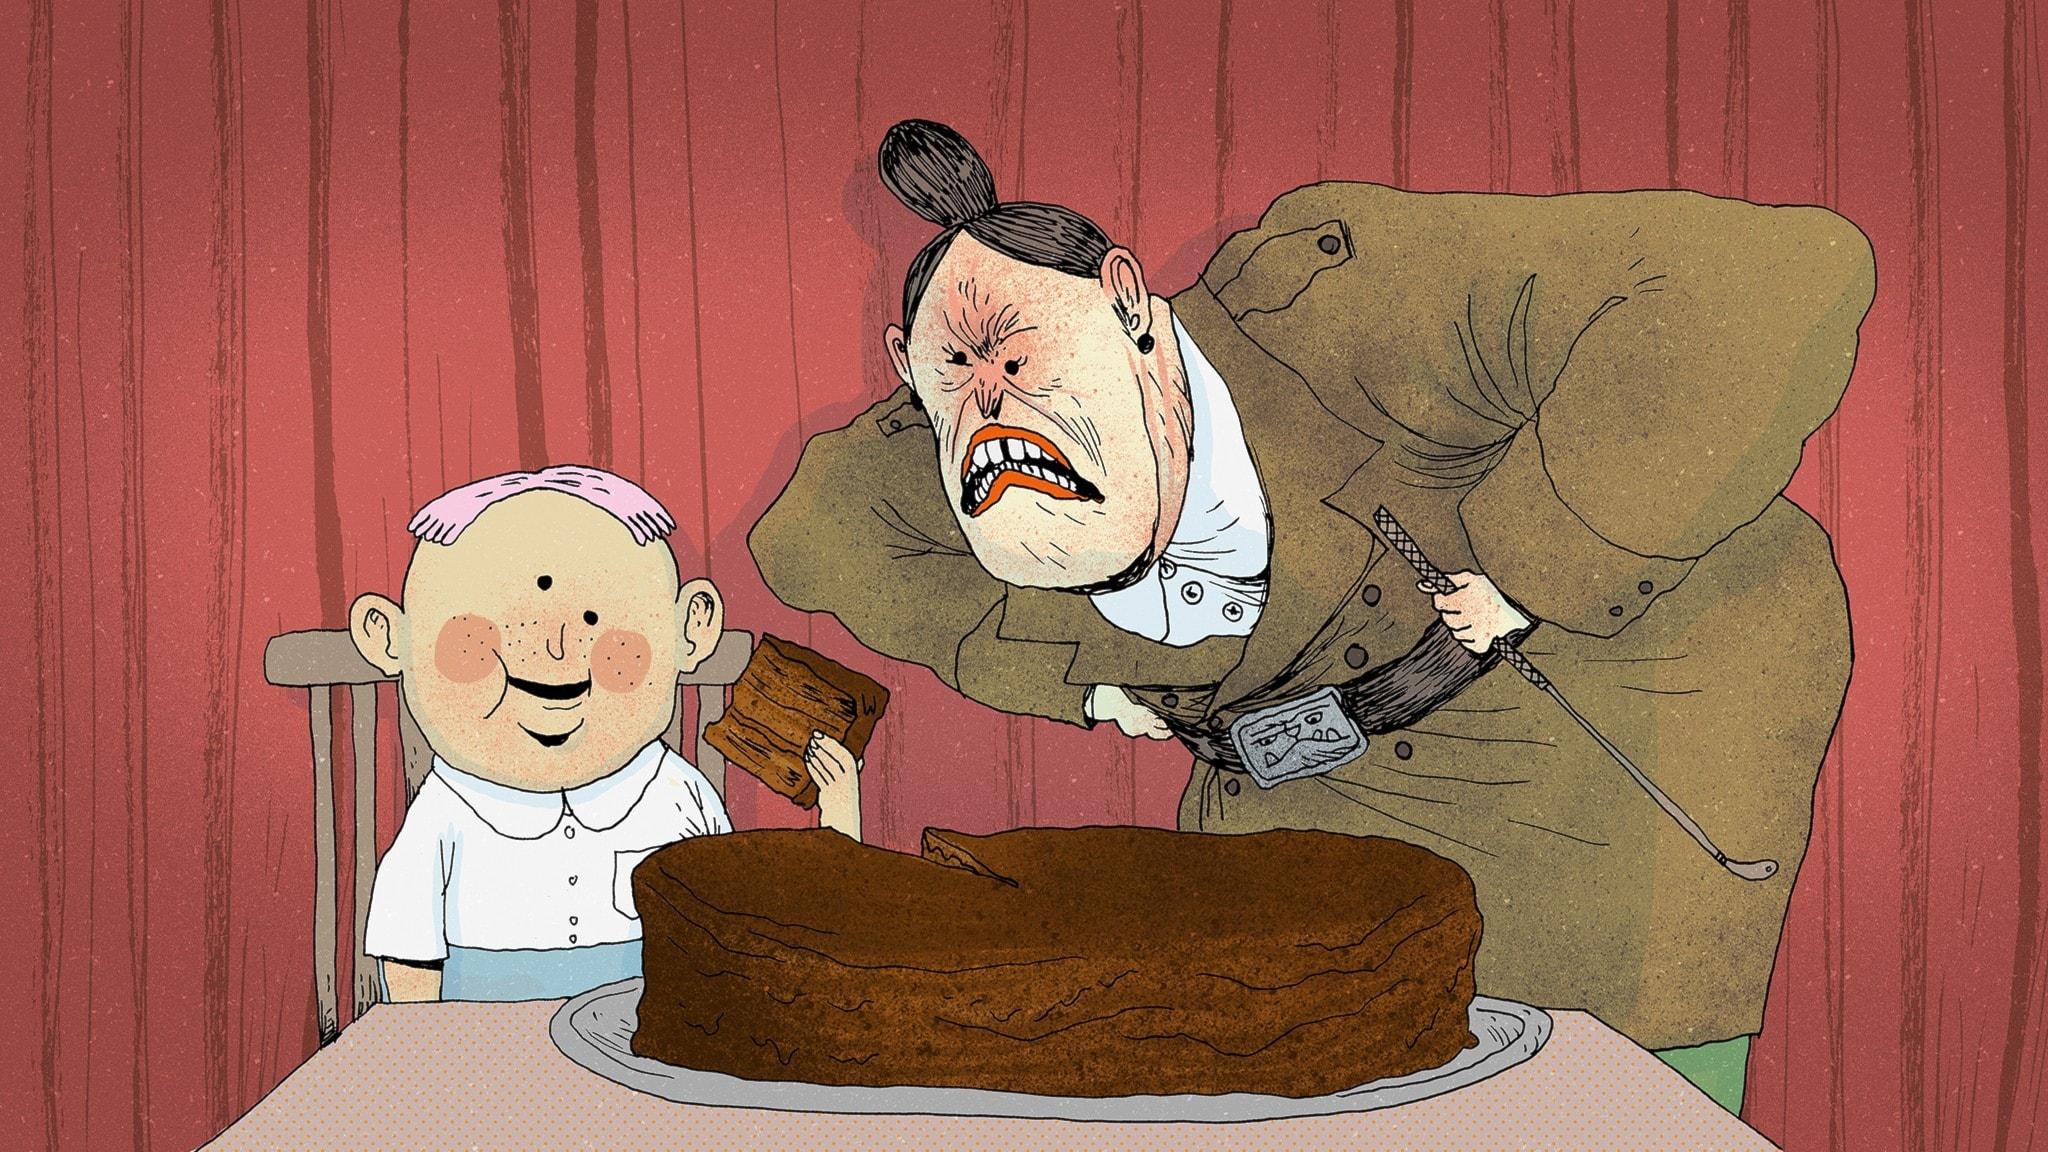 Rektor Domderasson böjer sig ner mot en pojke som sitter vid ett bord där det står en enorm chokladkaka. Hon ser arg ut. Bild: Erik Svetoft